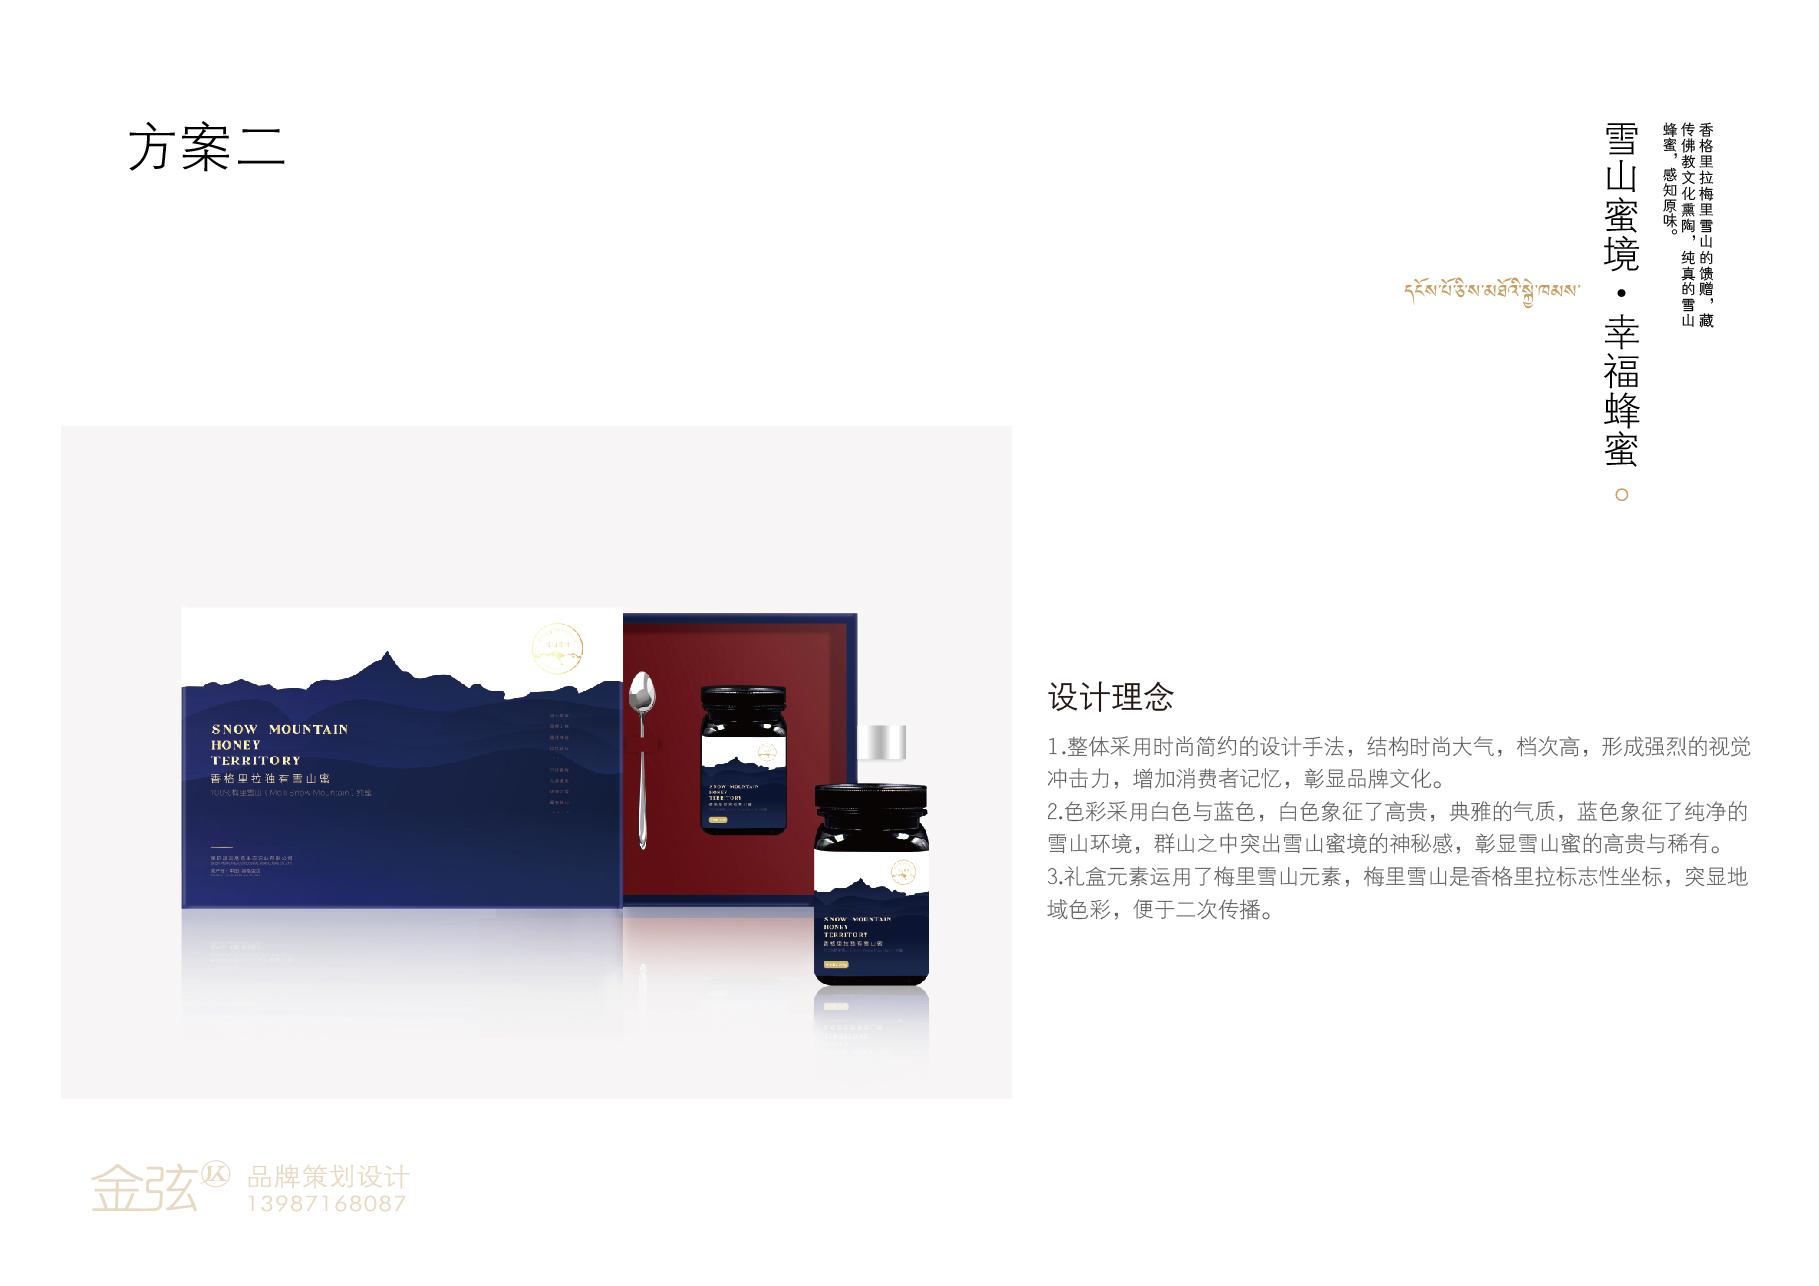 品吉 雪山蜜境幸福蜂蜜包装展示 包装设计 客户资料  第3张